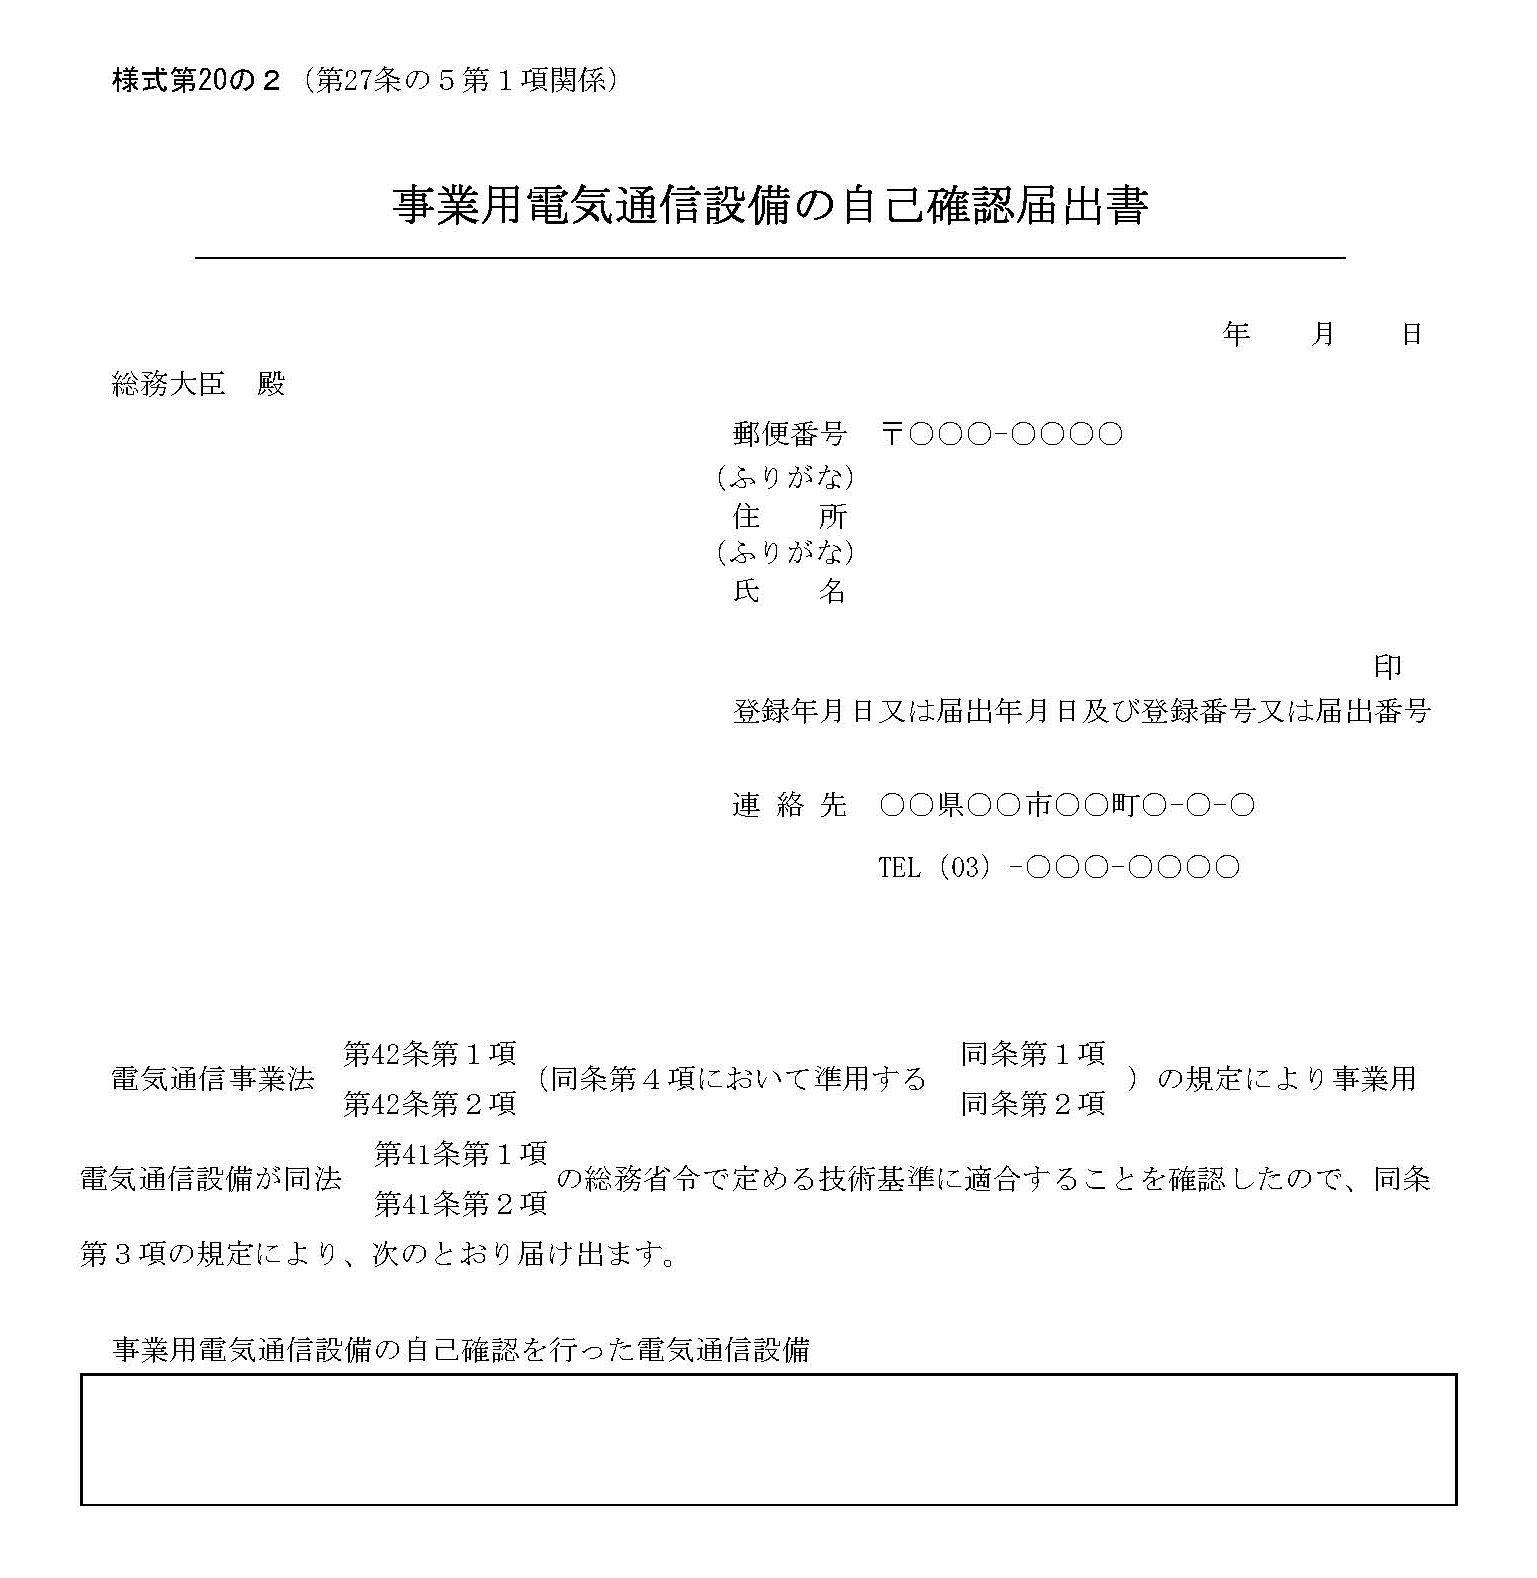 事業用電気通信設備の自己確認届出書の変更届出書